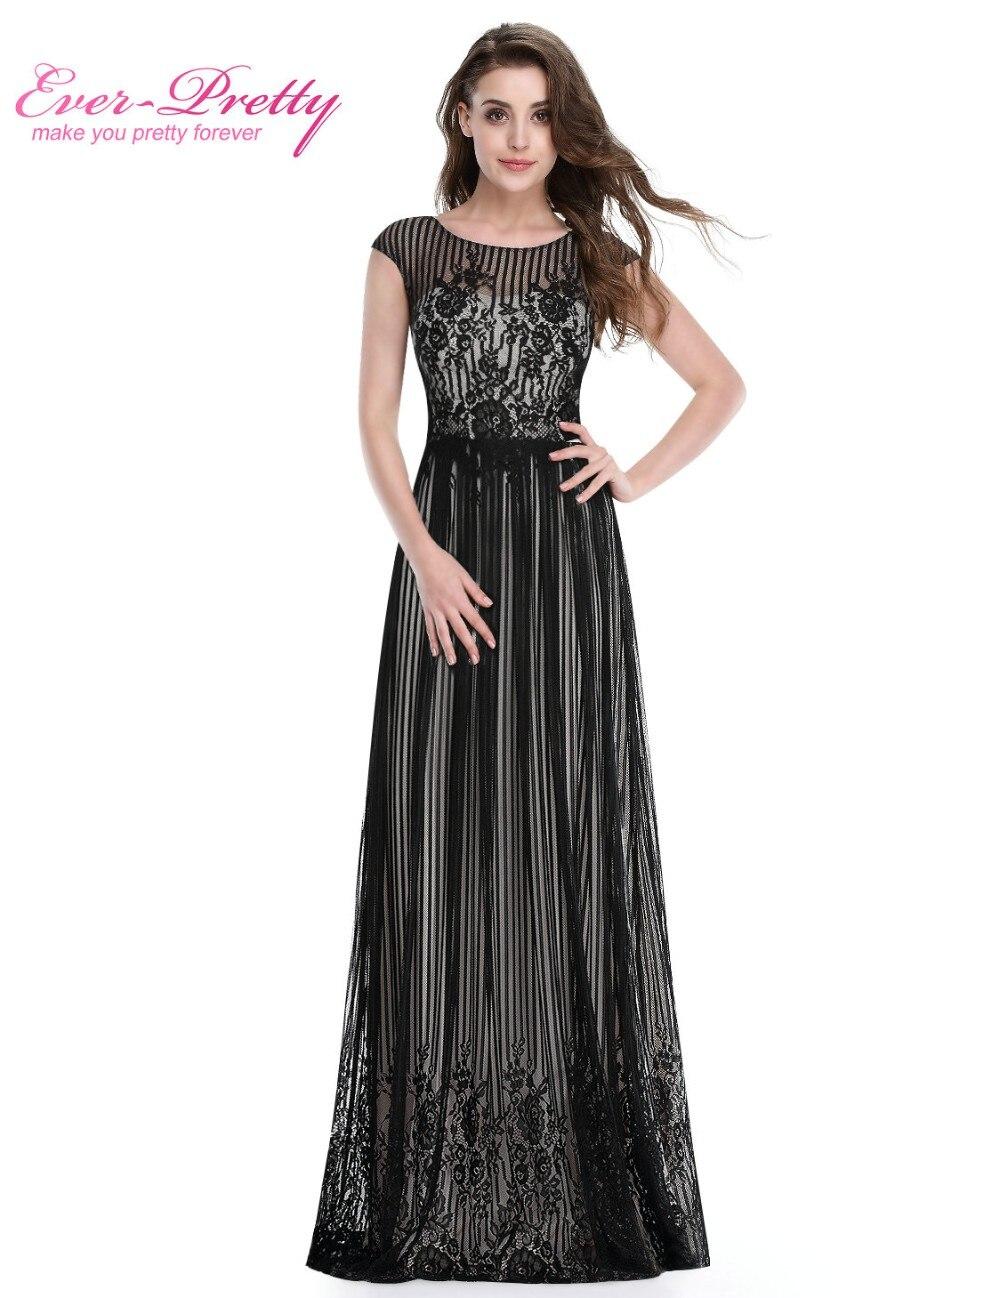 3ef91970a08  Распродажа  одно плечо шифон вечерние платья вечерние элегантные вечерние  Макси HE09596 Бесплатная доставка Vestidos De festaUSD 29.99 piece